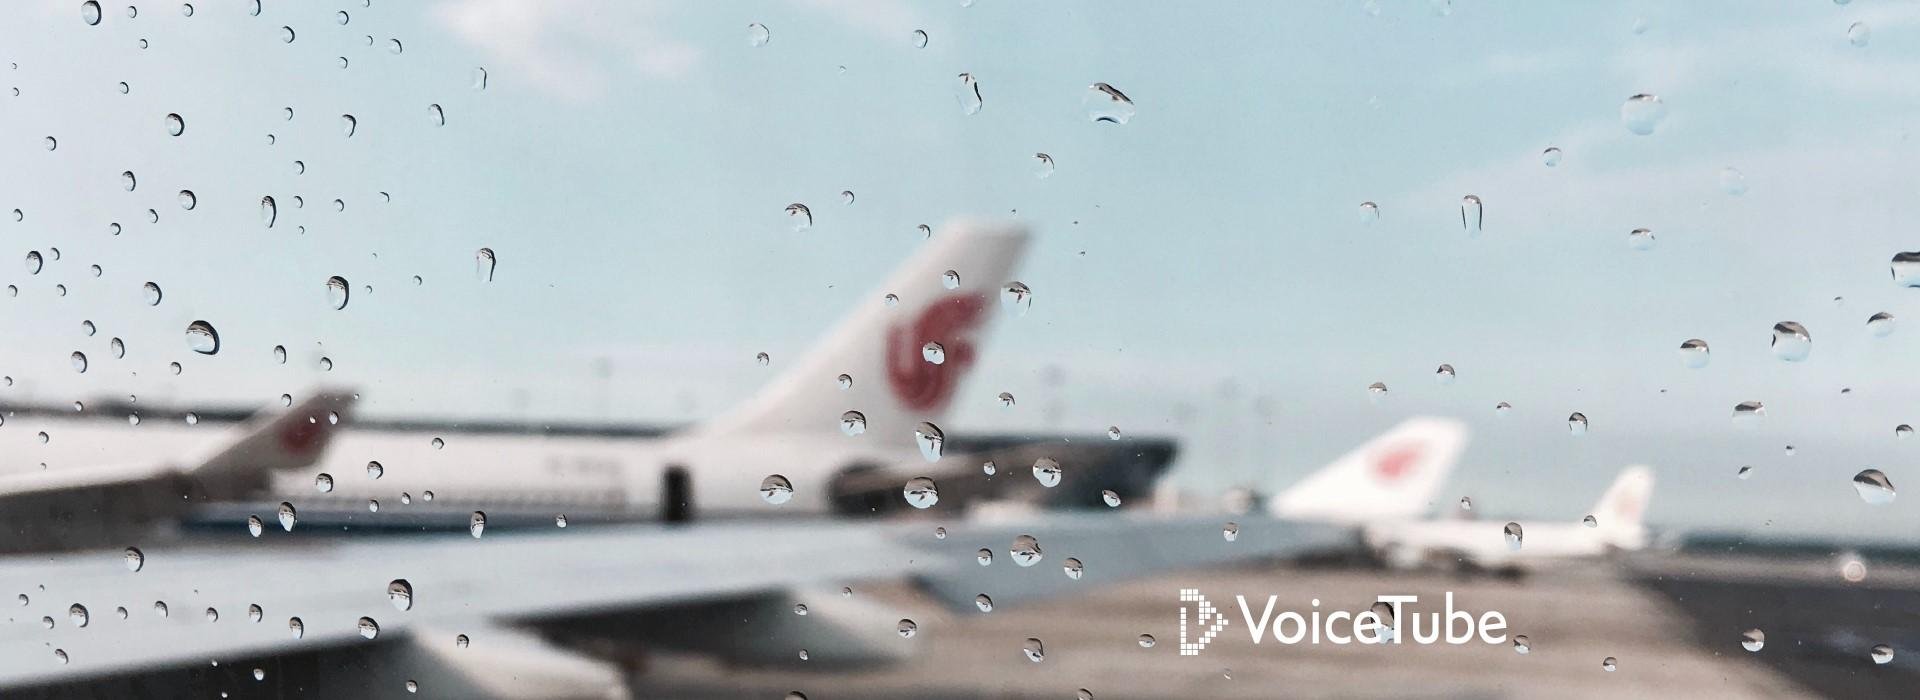 【旅遊英文】出國前一定要會!所有機場會用到的英文單字對話,讓你輕鬆過關!